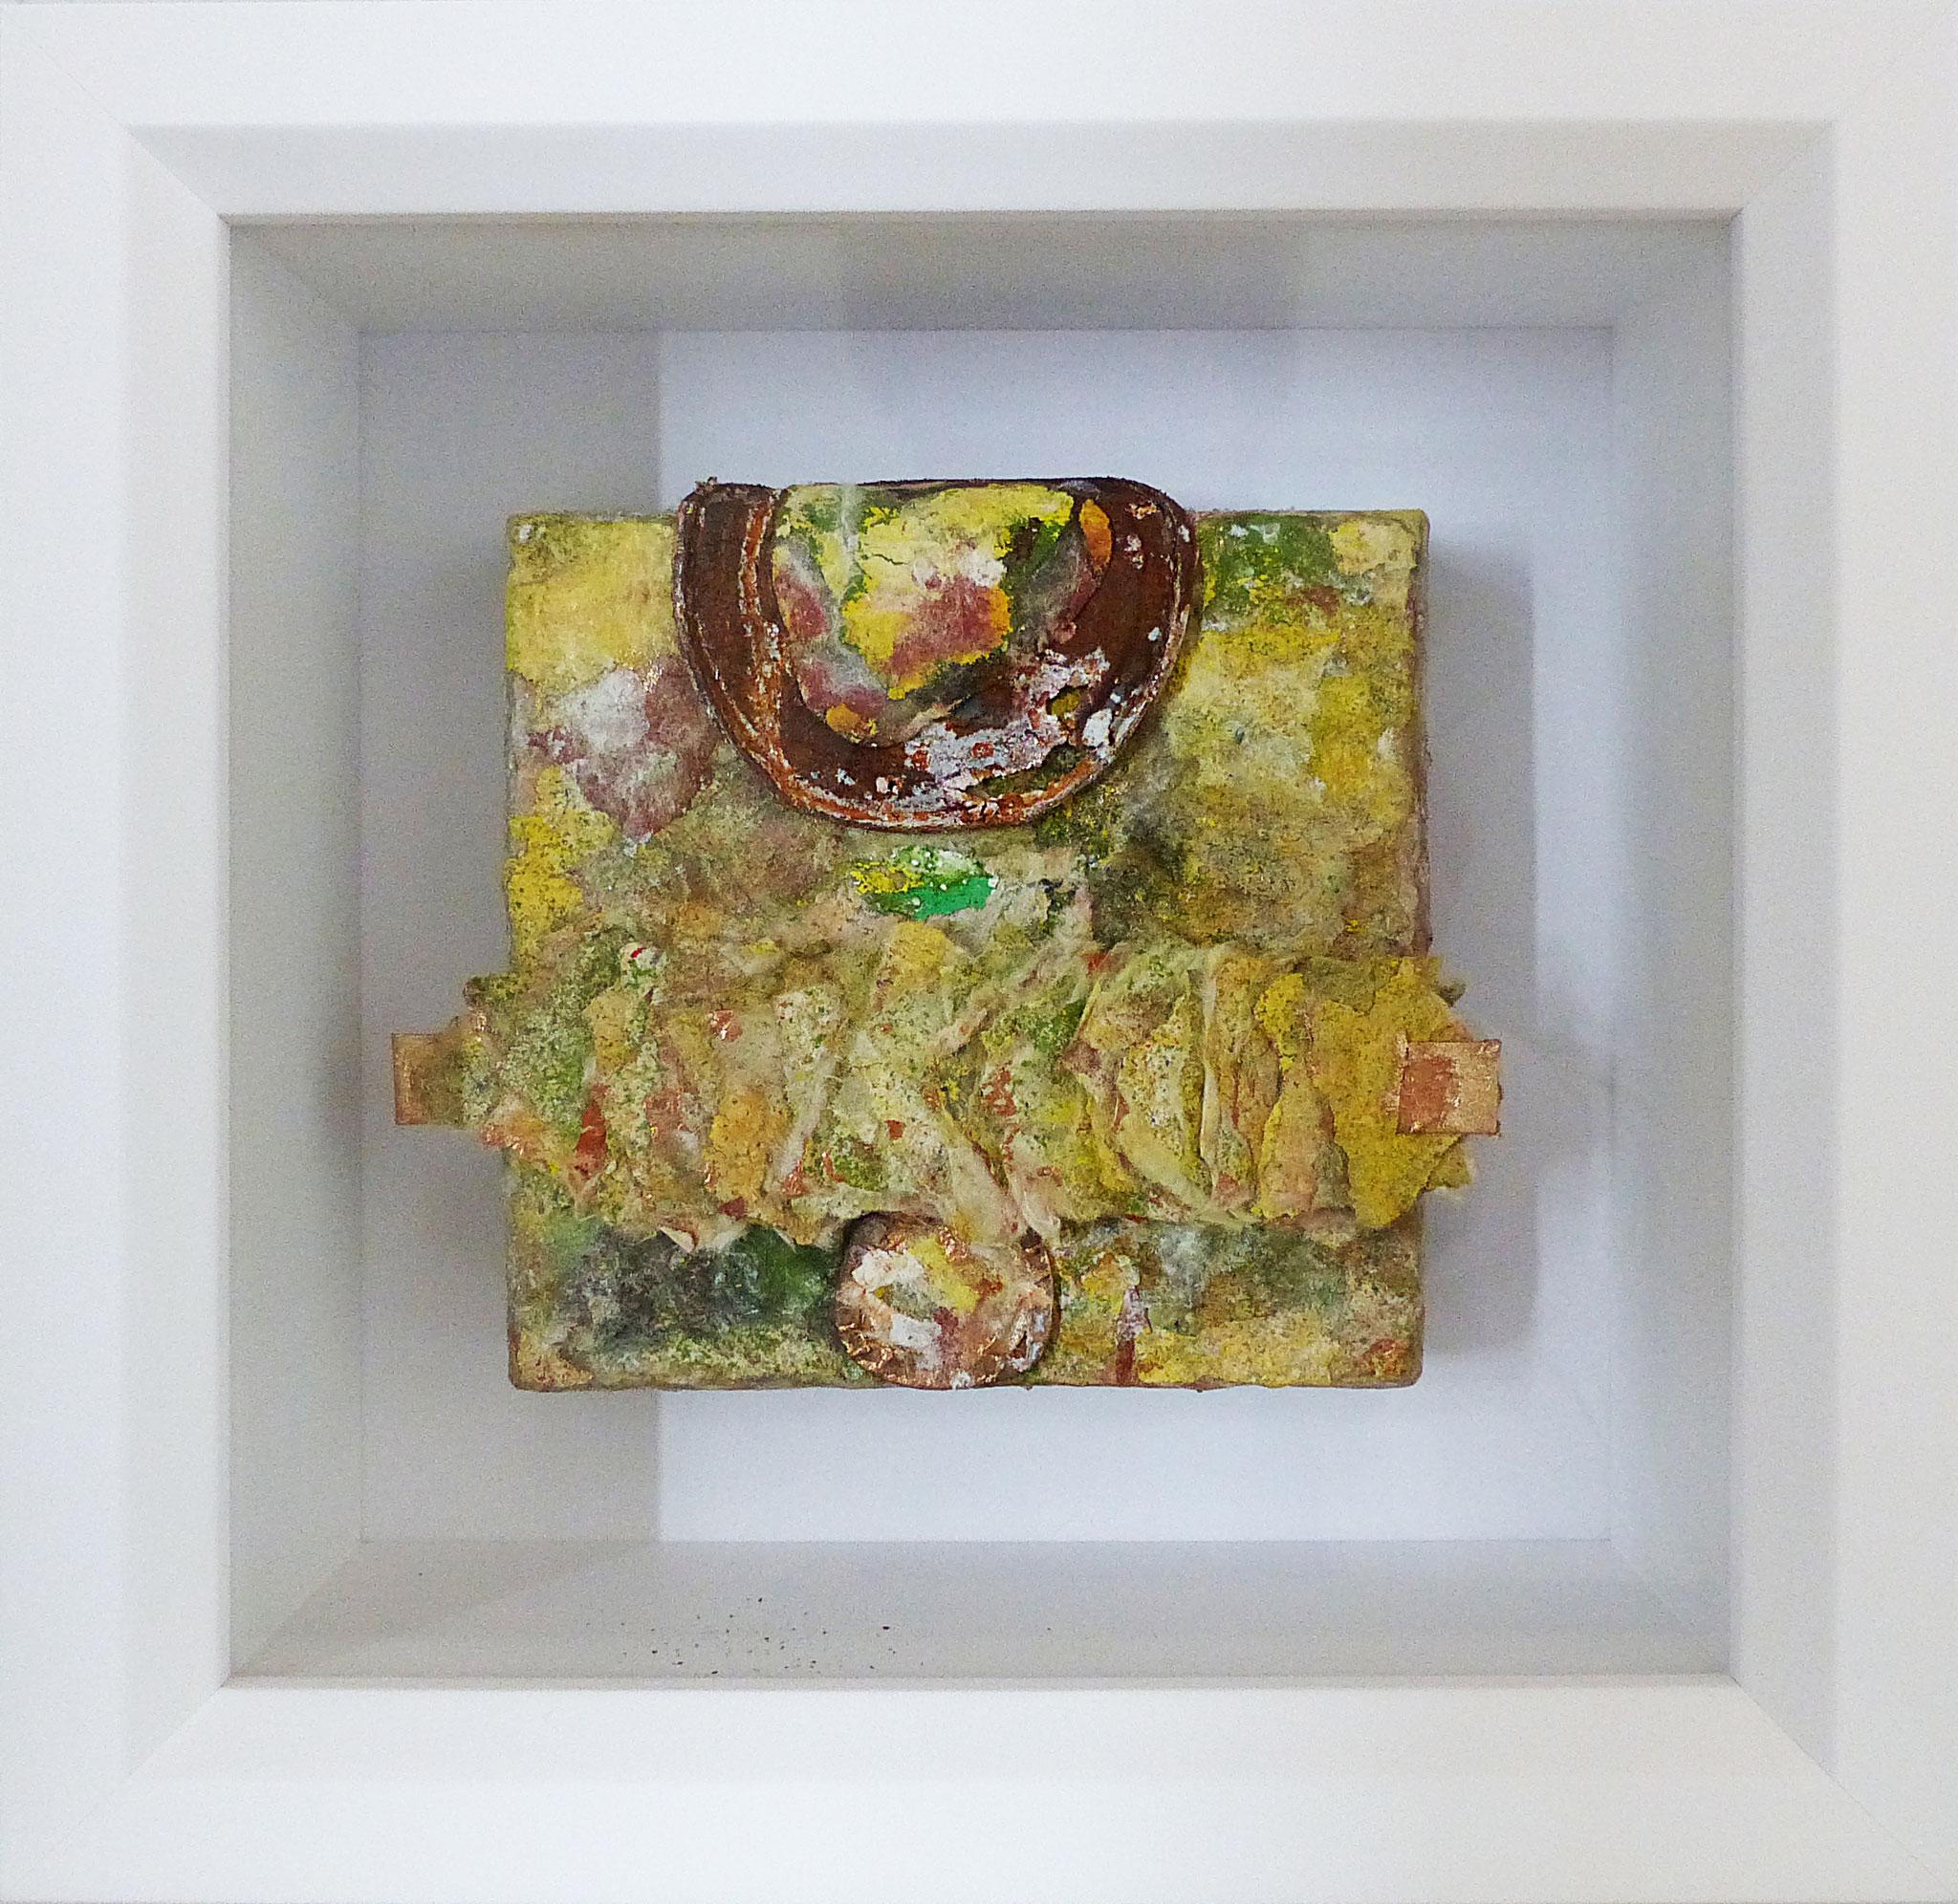 Blätterwald, 2018, 20x20cm im Objektrahmen, 210 Euro